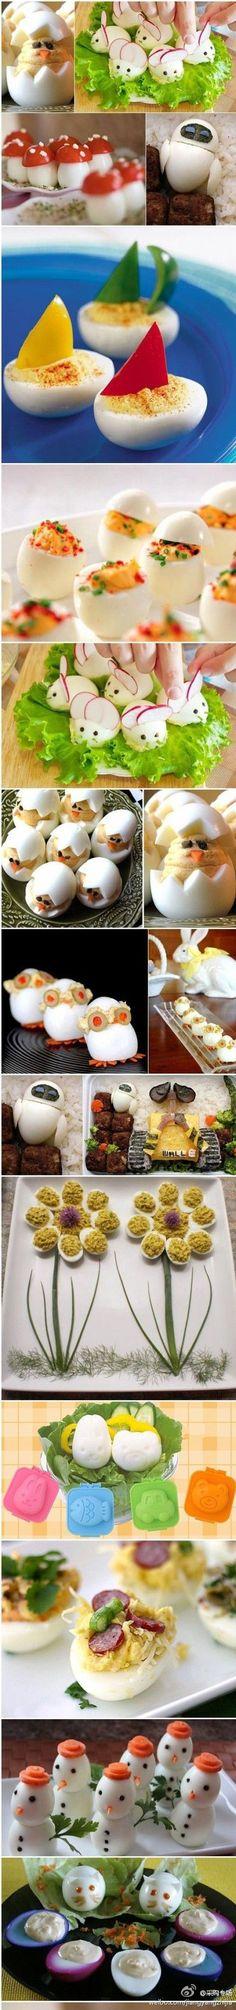 egg egg egg